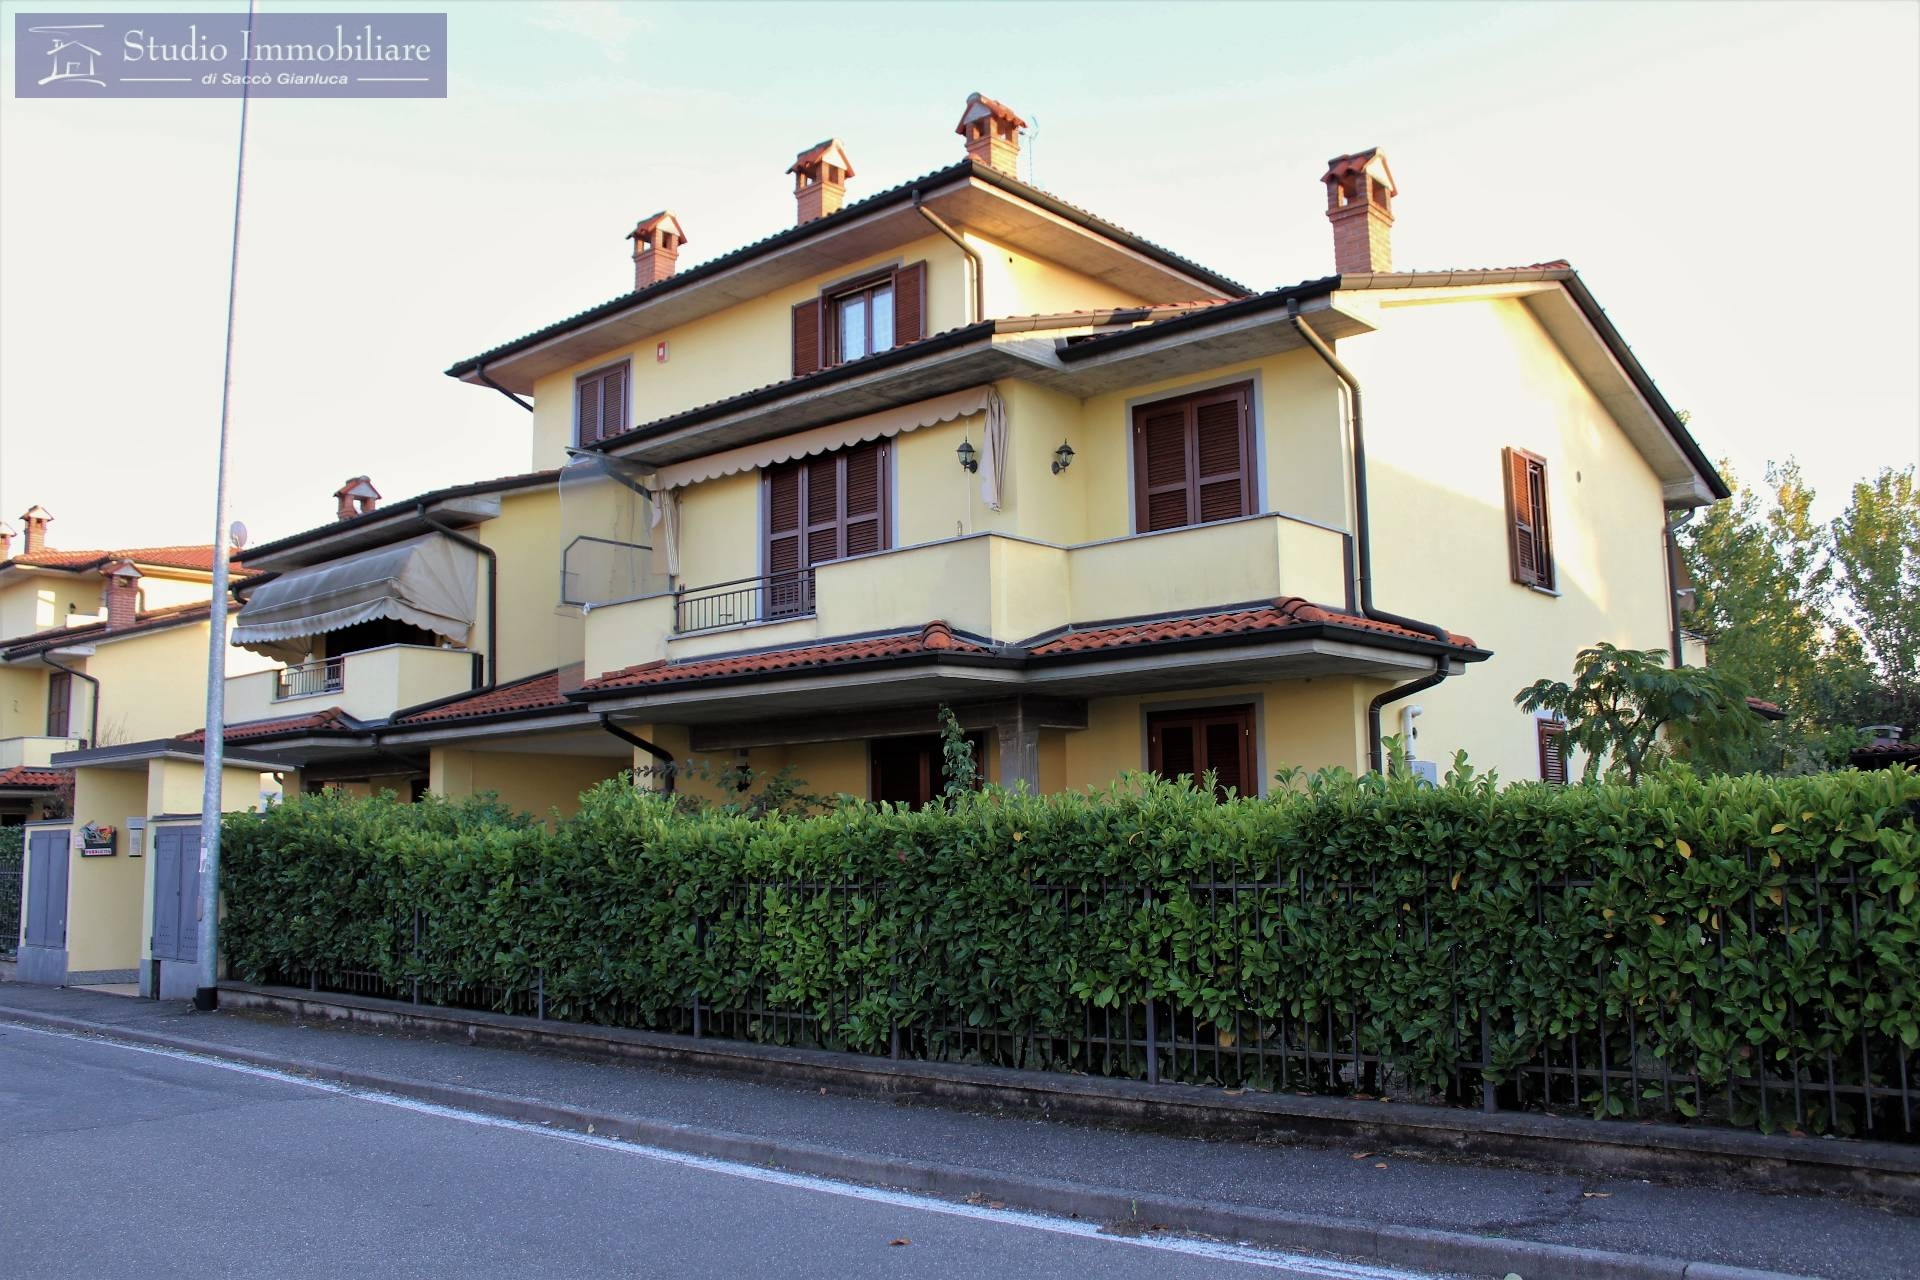 Appartamento in Vendita a Bressana Bottarone